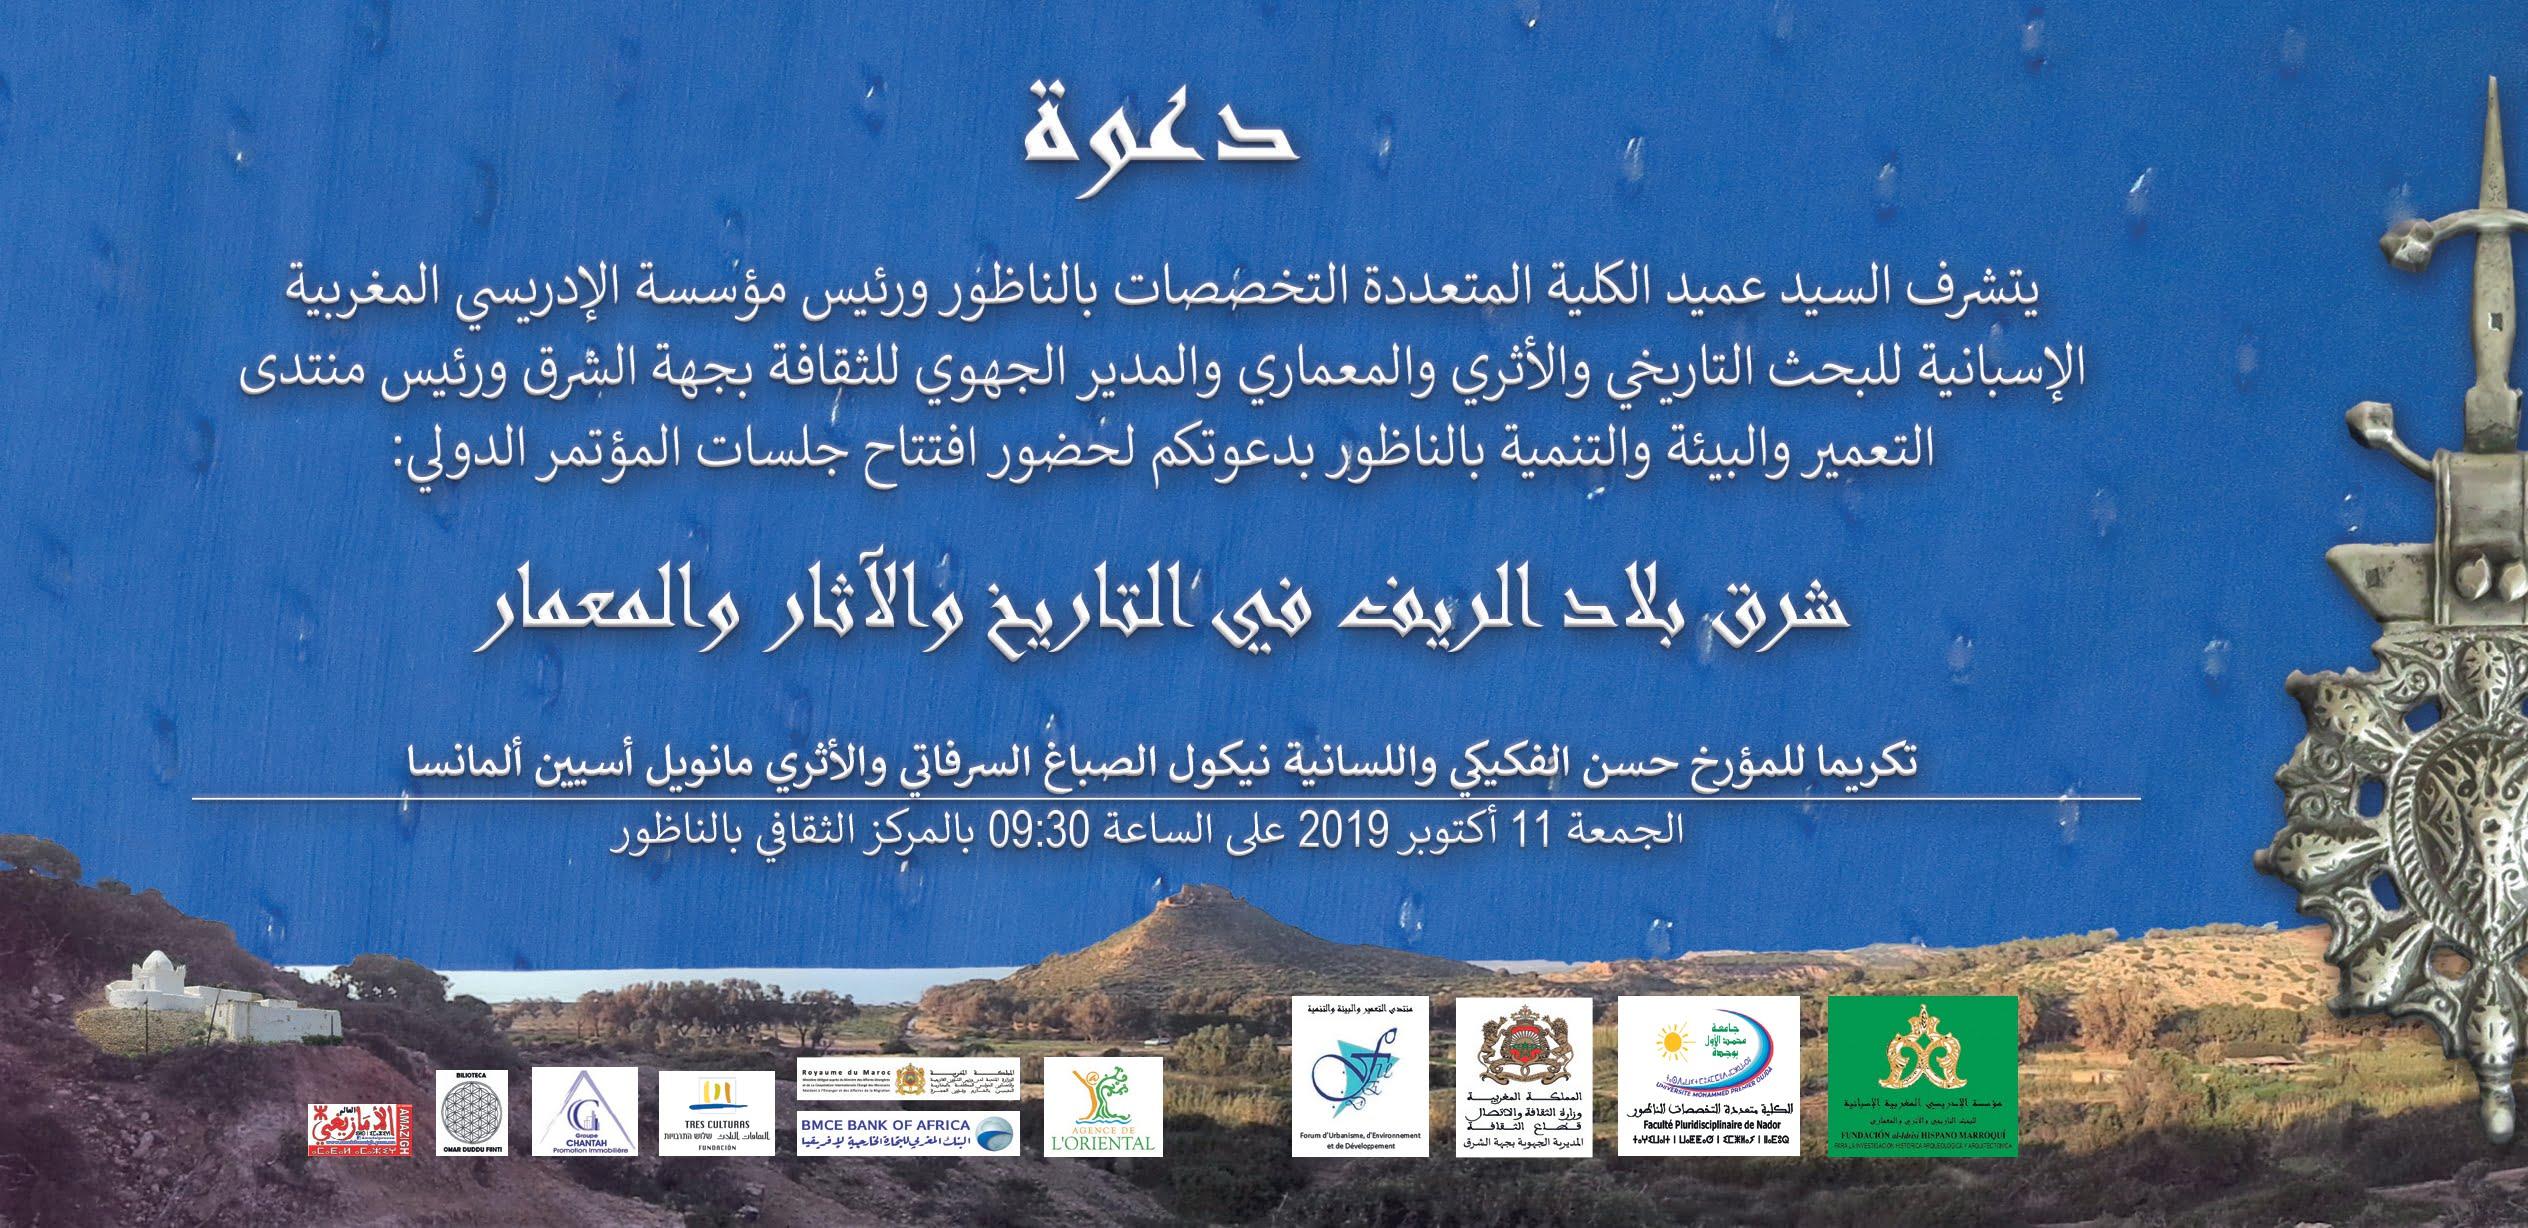 مؤتمر دولي: شرق بلاد الريف في التاريخ والآثار والمعمار